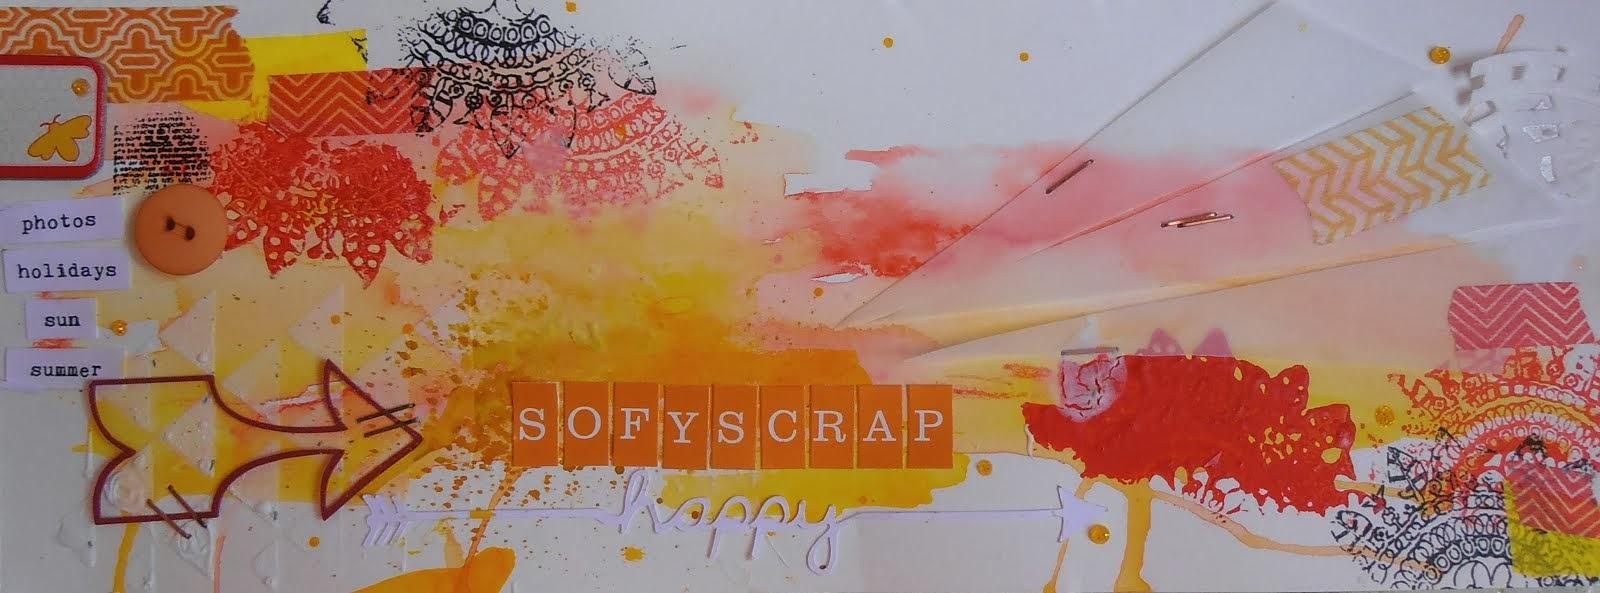 sofyscrap